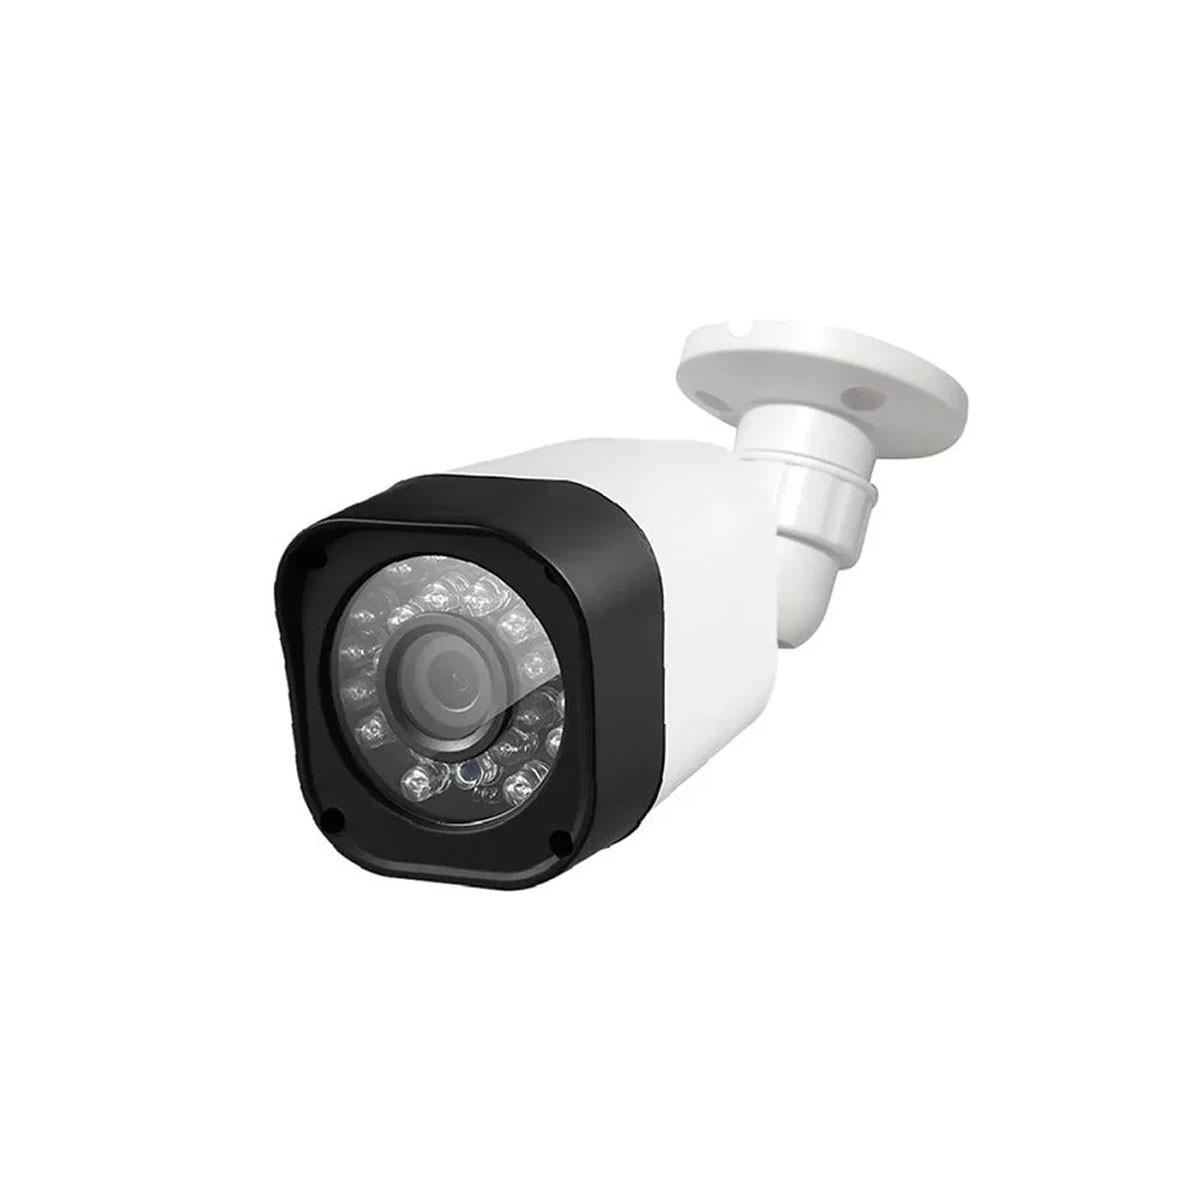 Kit 6 Cameras de Segurança Infra Full Hd 1080p Externa Completo